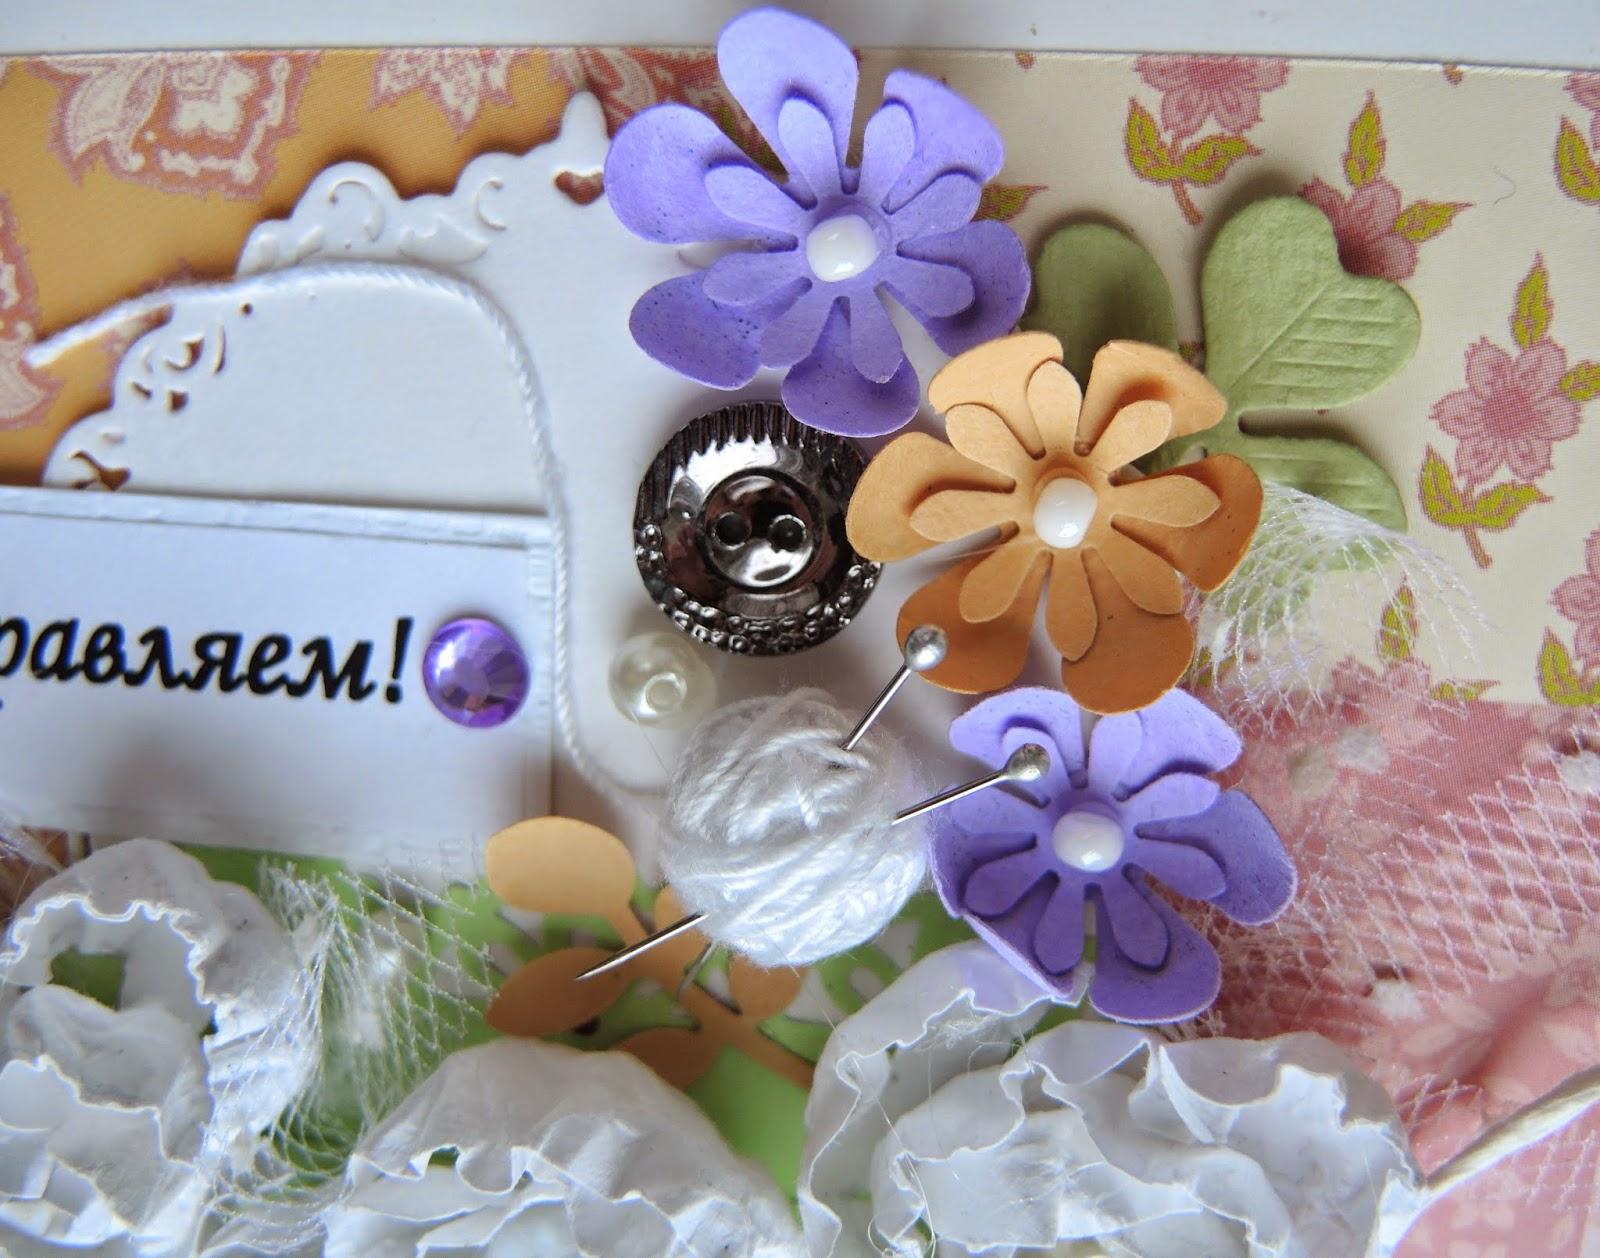 card, postcard, greeting.,jpg открытка своими руками подарок скрапбукинг цветы бумажные бусины, ленты